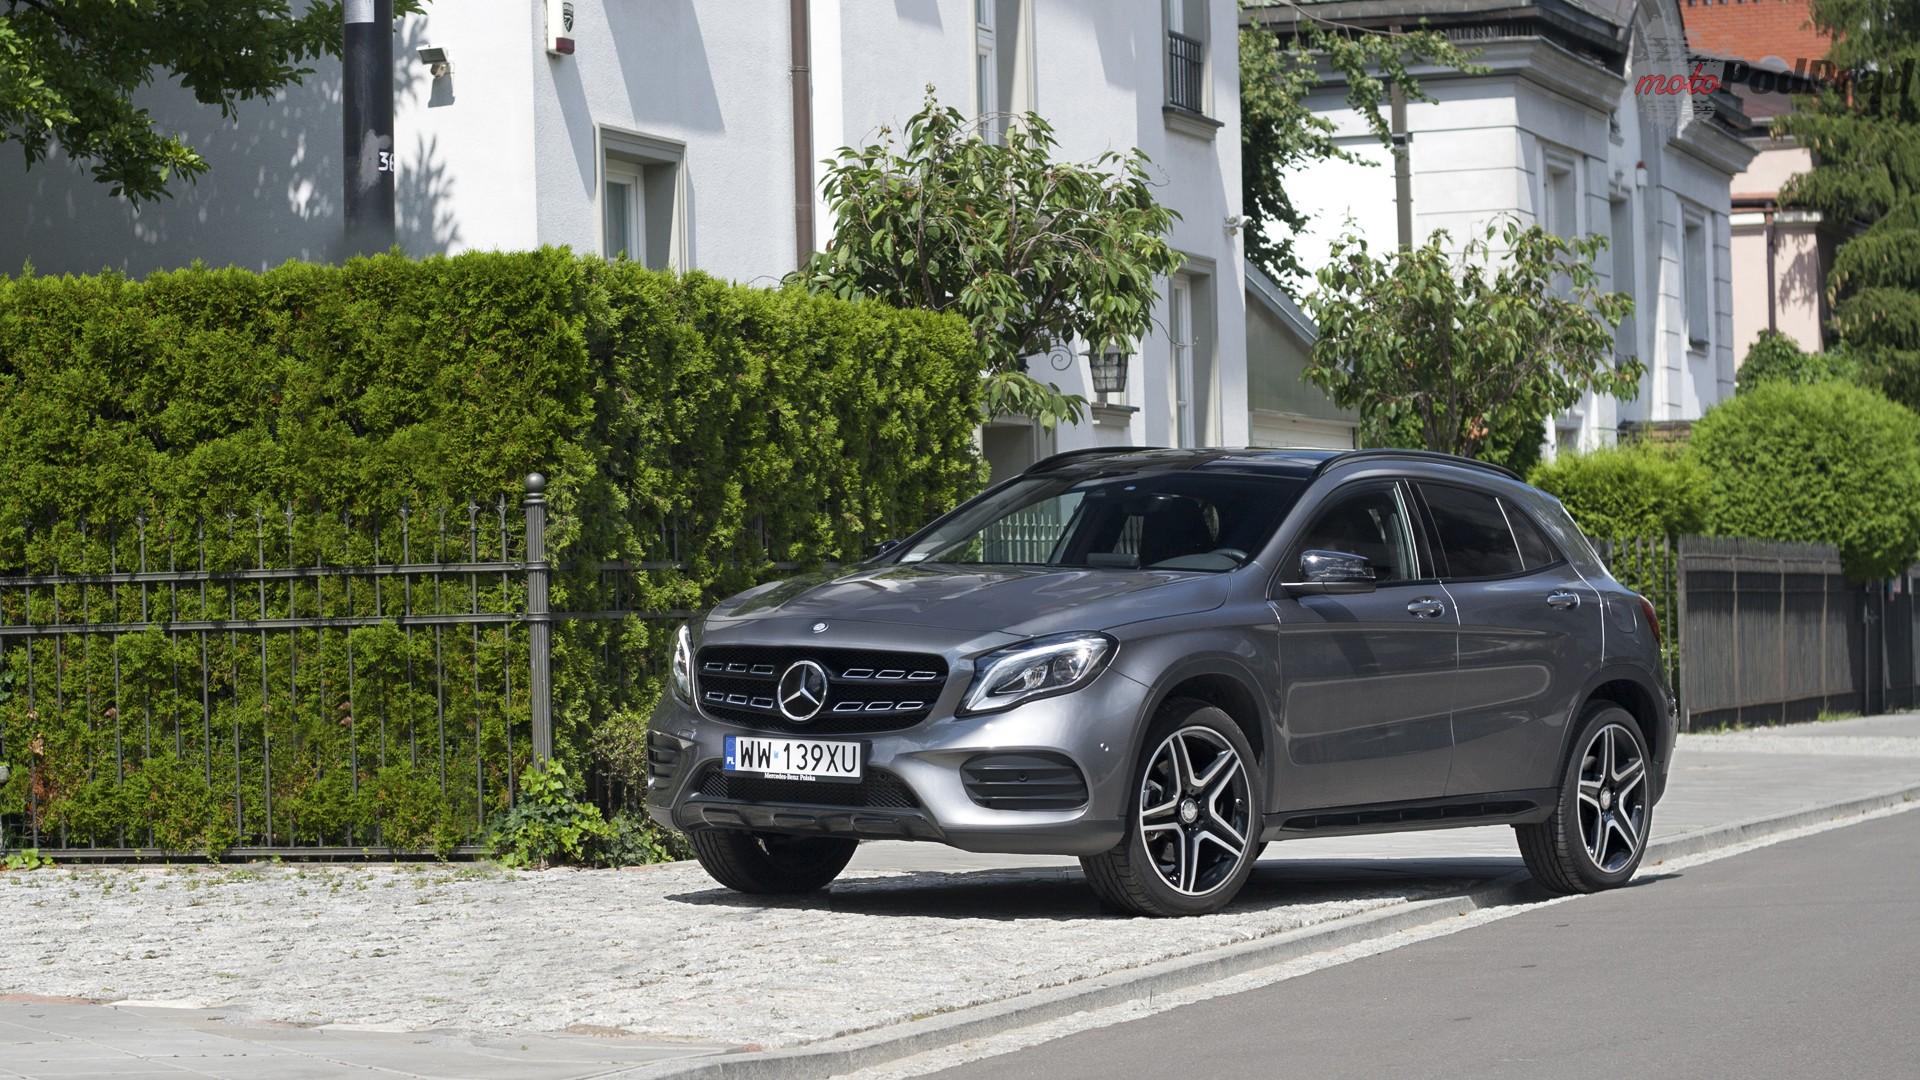 mercedes gla przód bok Test: Mercedes GLA 220 4Matic   pierwsze wrażenie